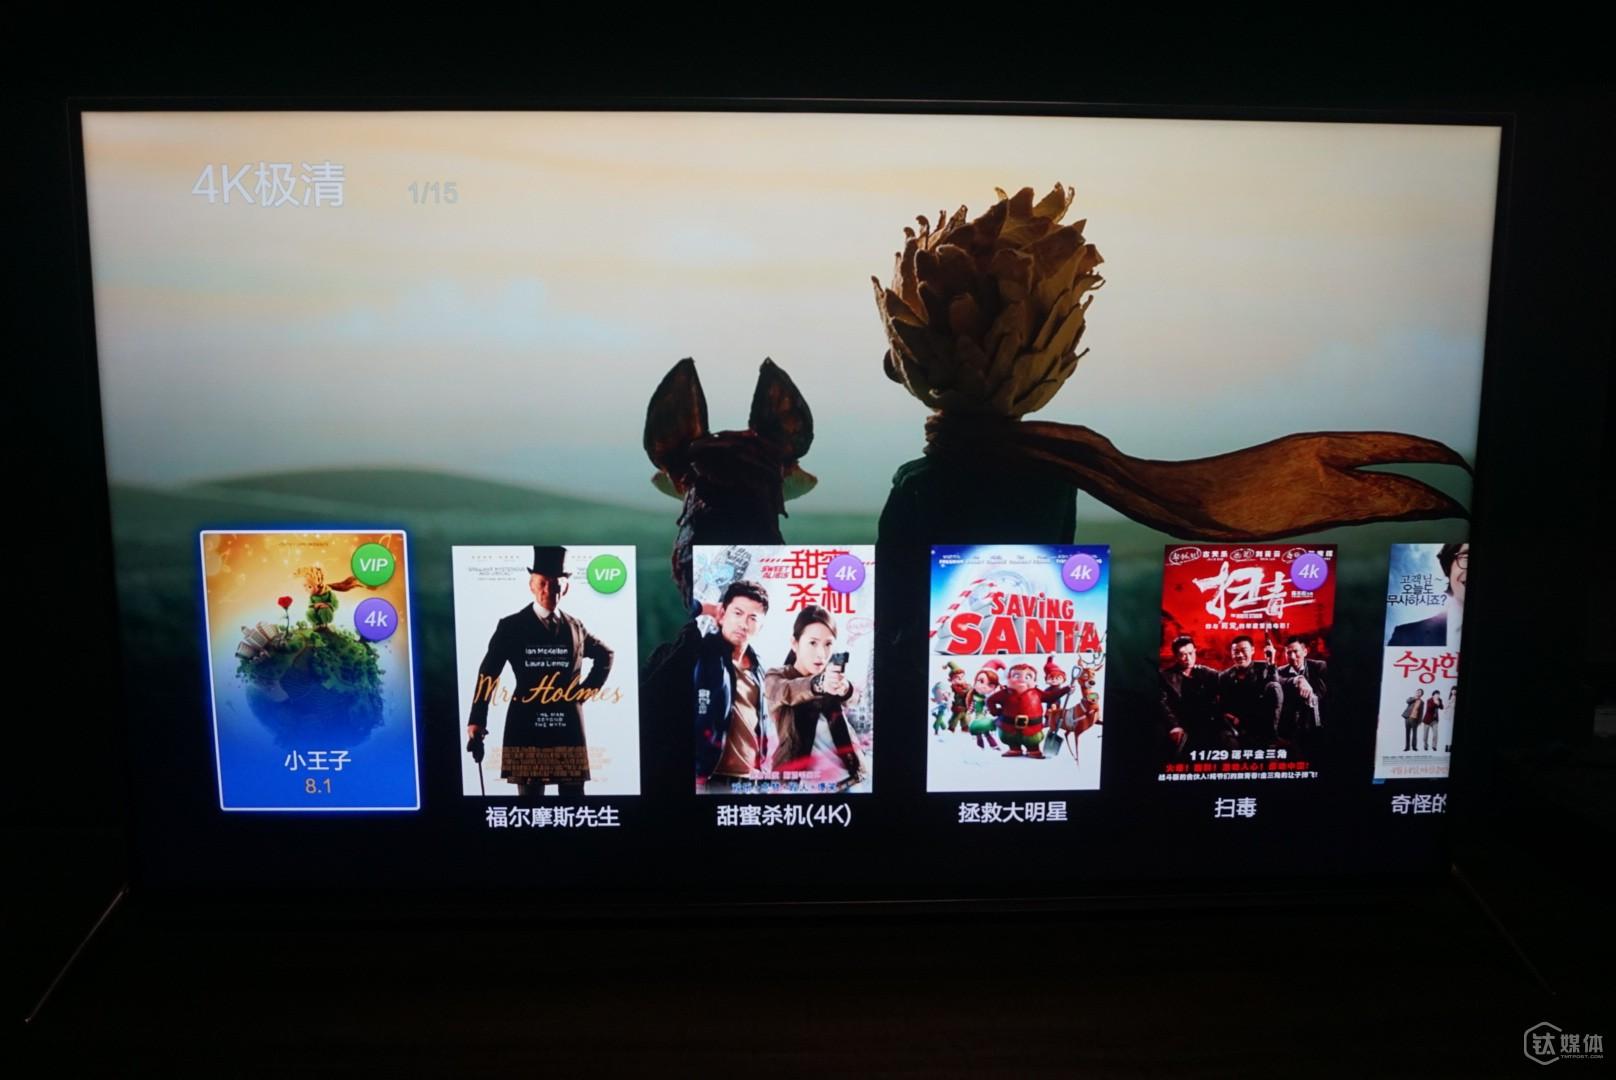 以院线电影来说,如果购买了VIP用户的话所获得的内容和目前主流的电视相比差别不大,还包含少量4K极清的片源(28个),但是在一些个性化的内容如自制剧、体育、娱乐等方面用户的选择并不多。